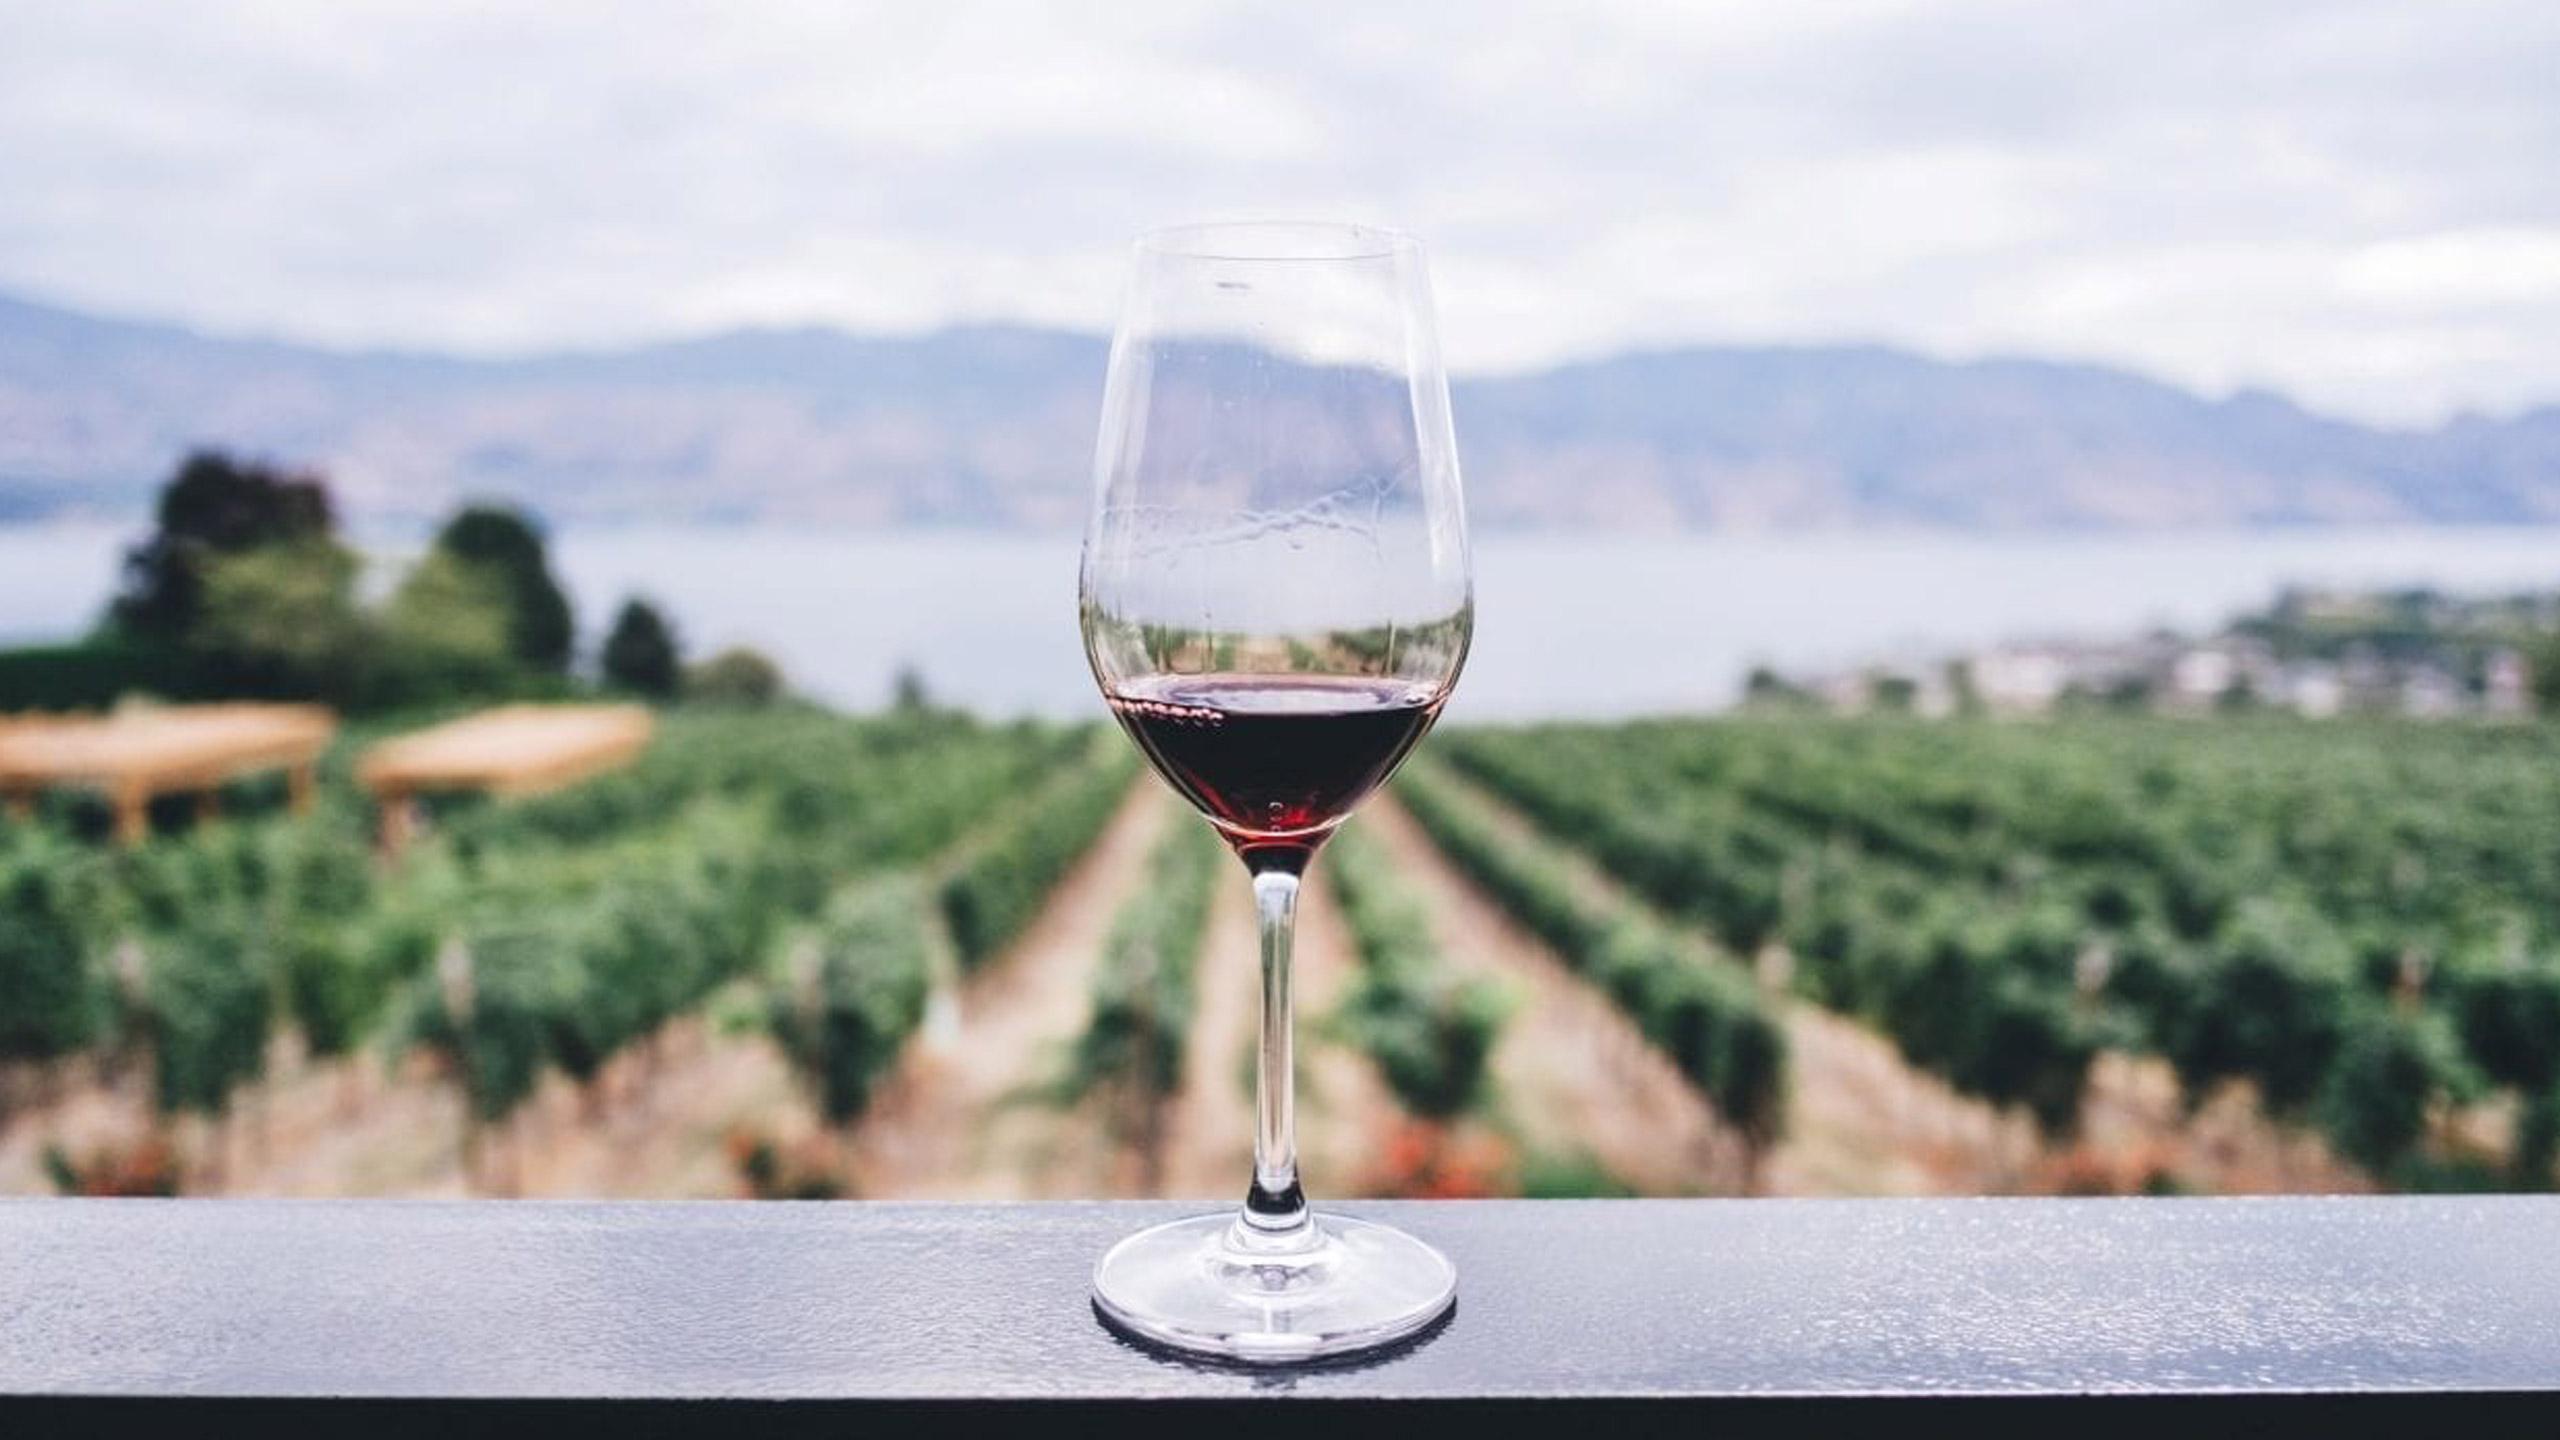 vino-mexicano-denominacion-de-origen